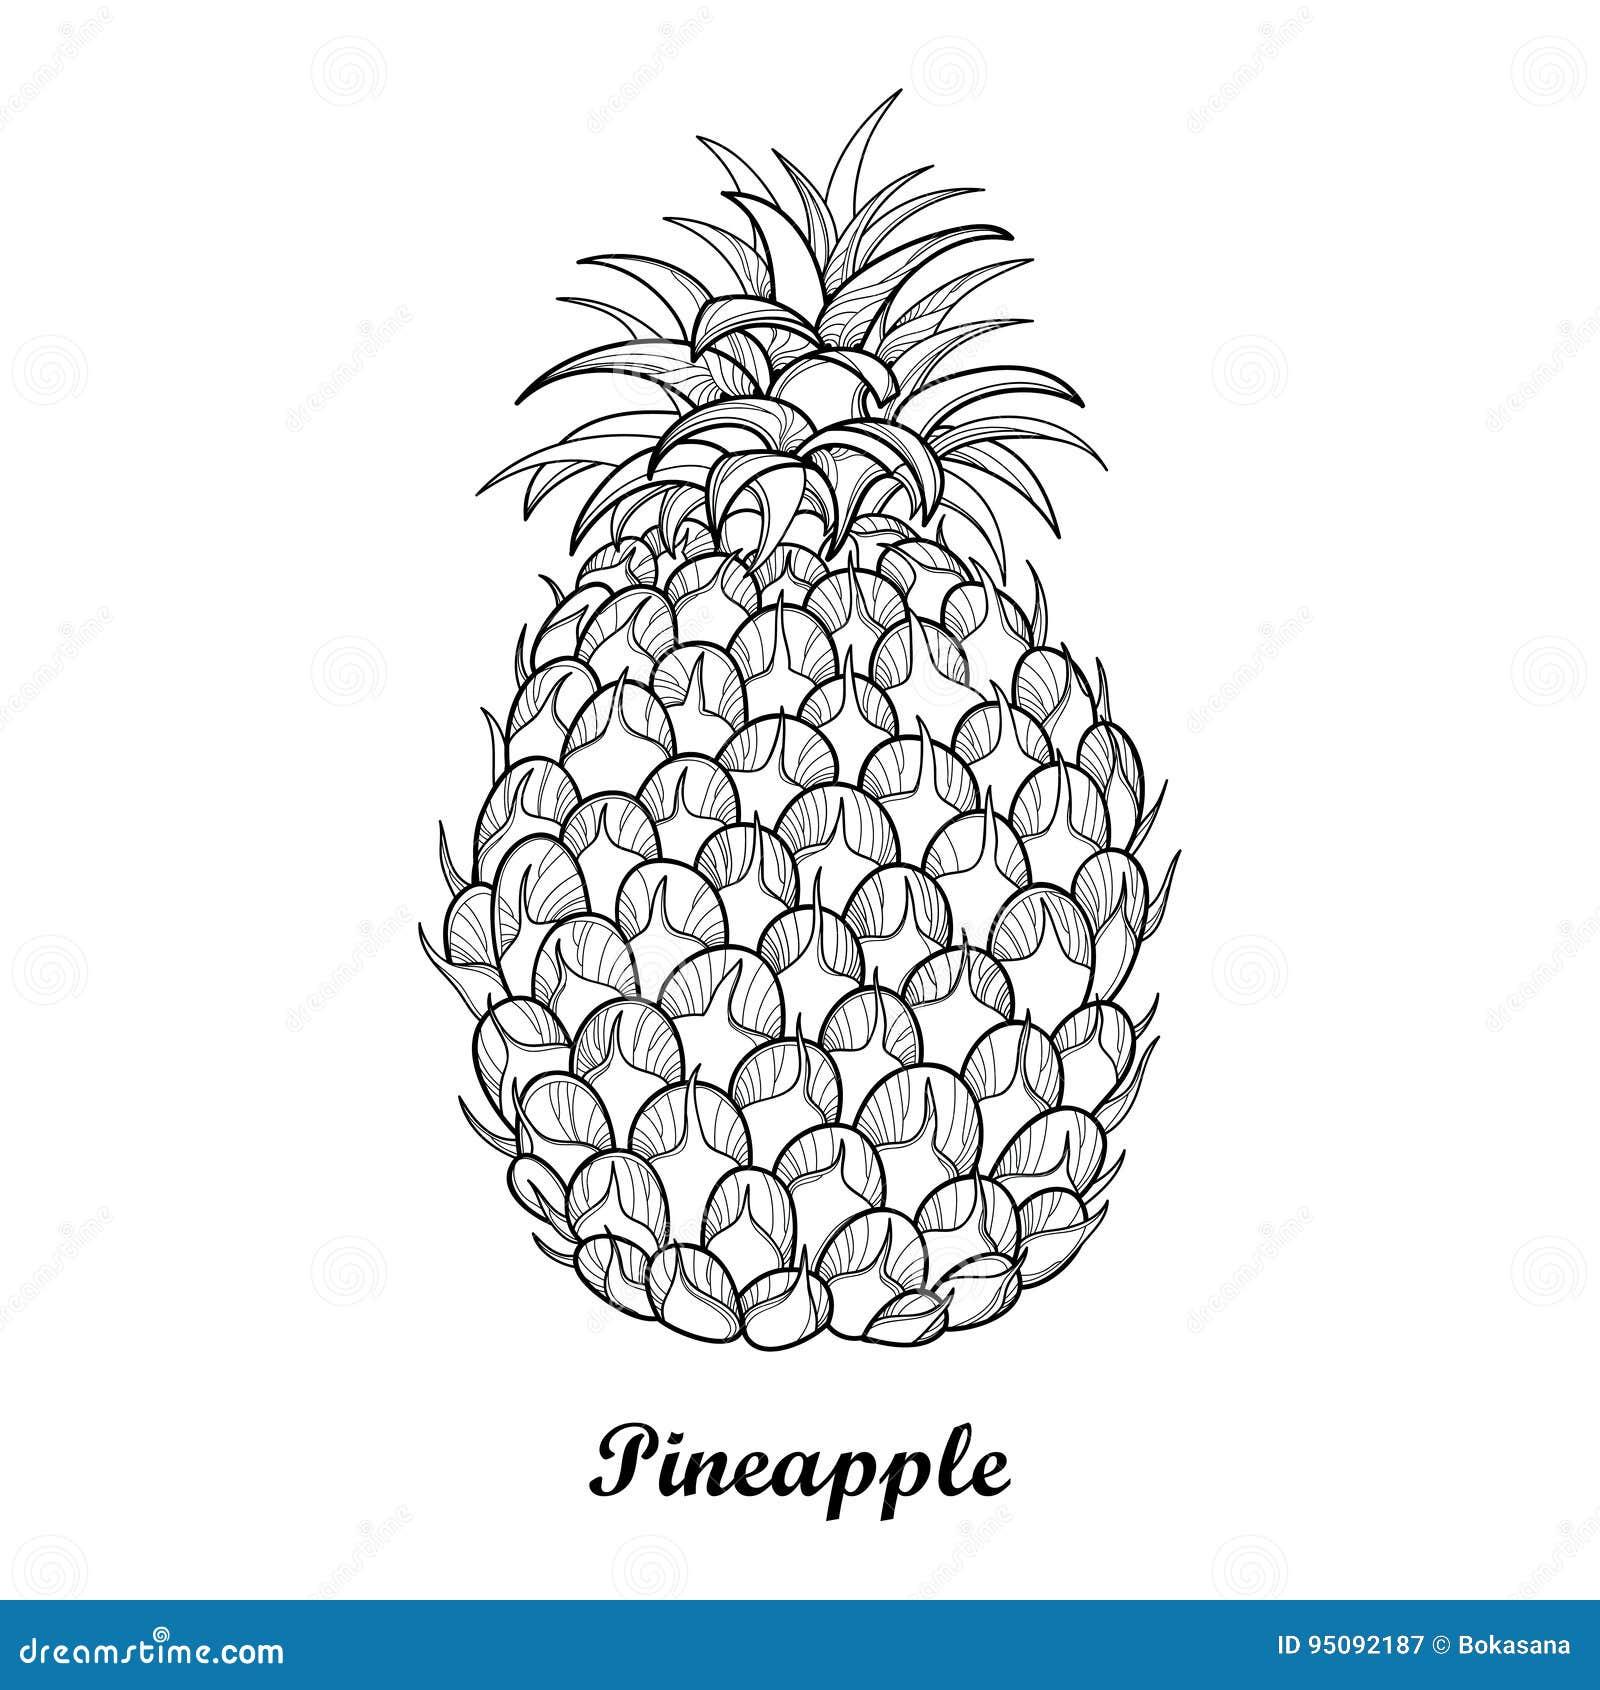 Ananas Rysunek wektorowy rysunek z konturu ananas, ananasa liść w czerni